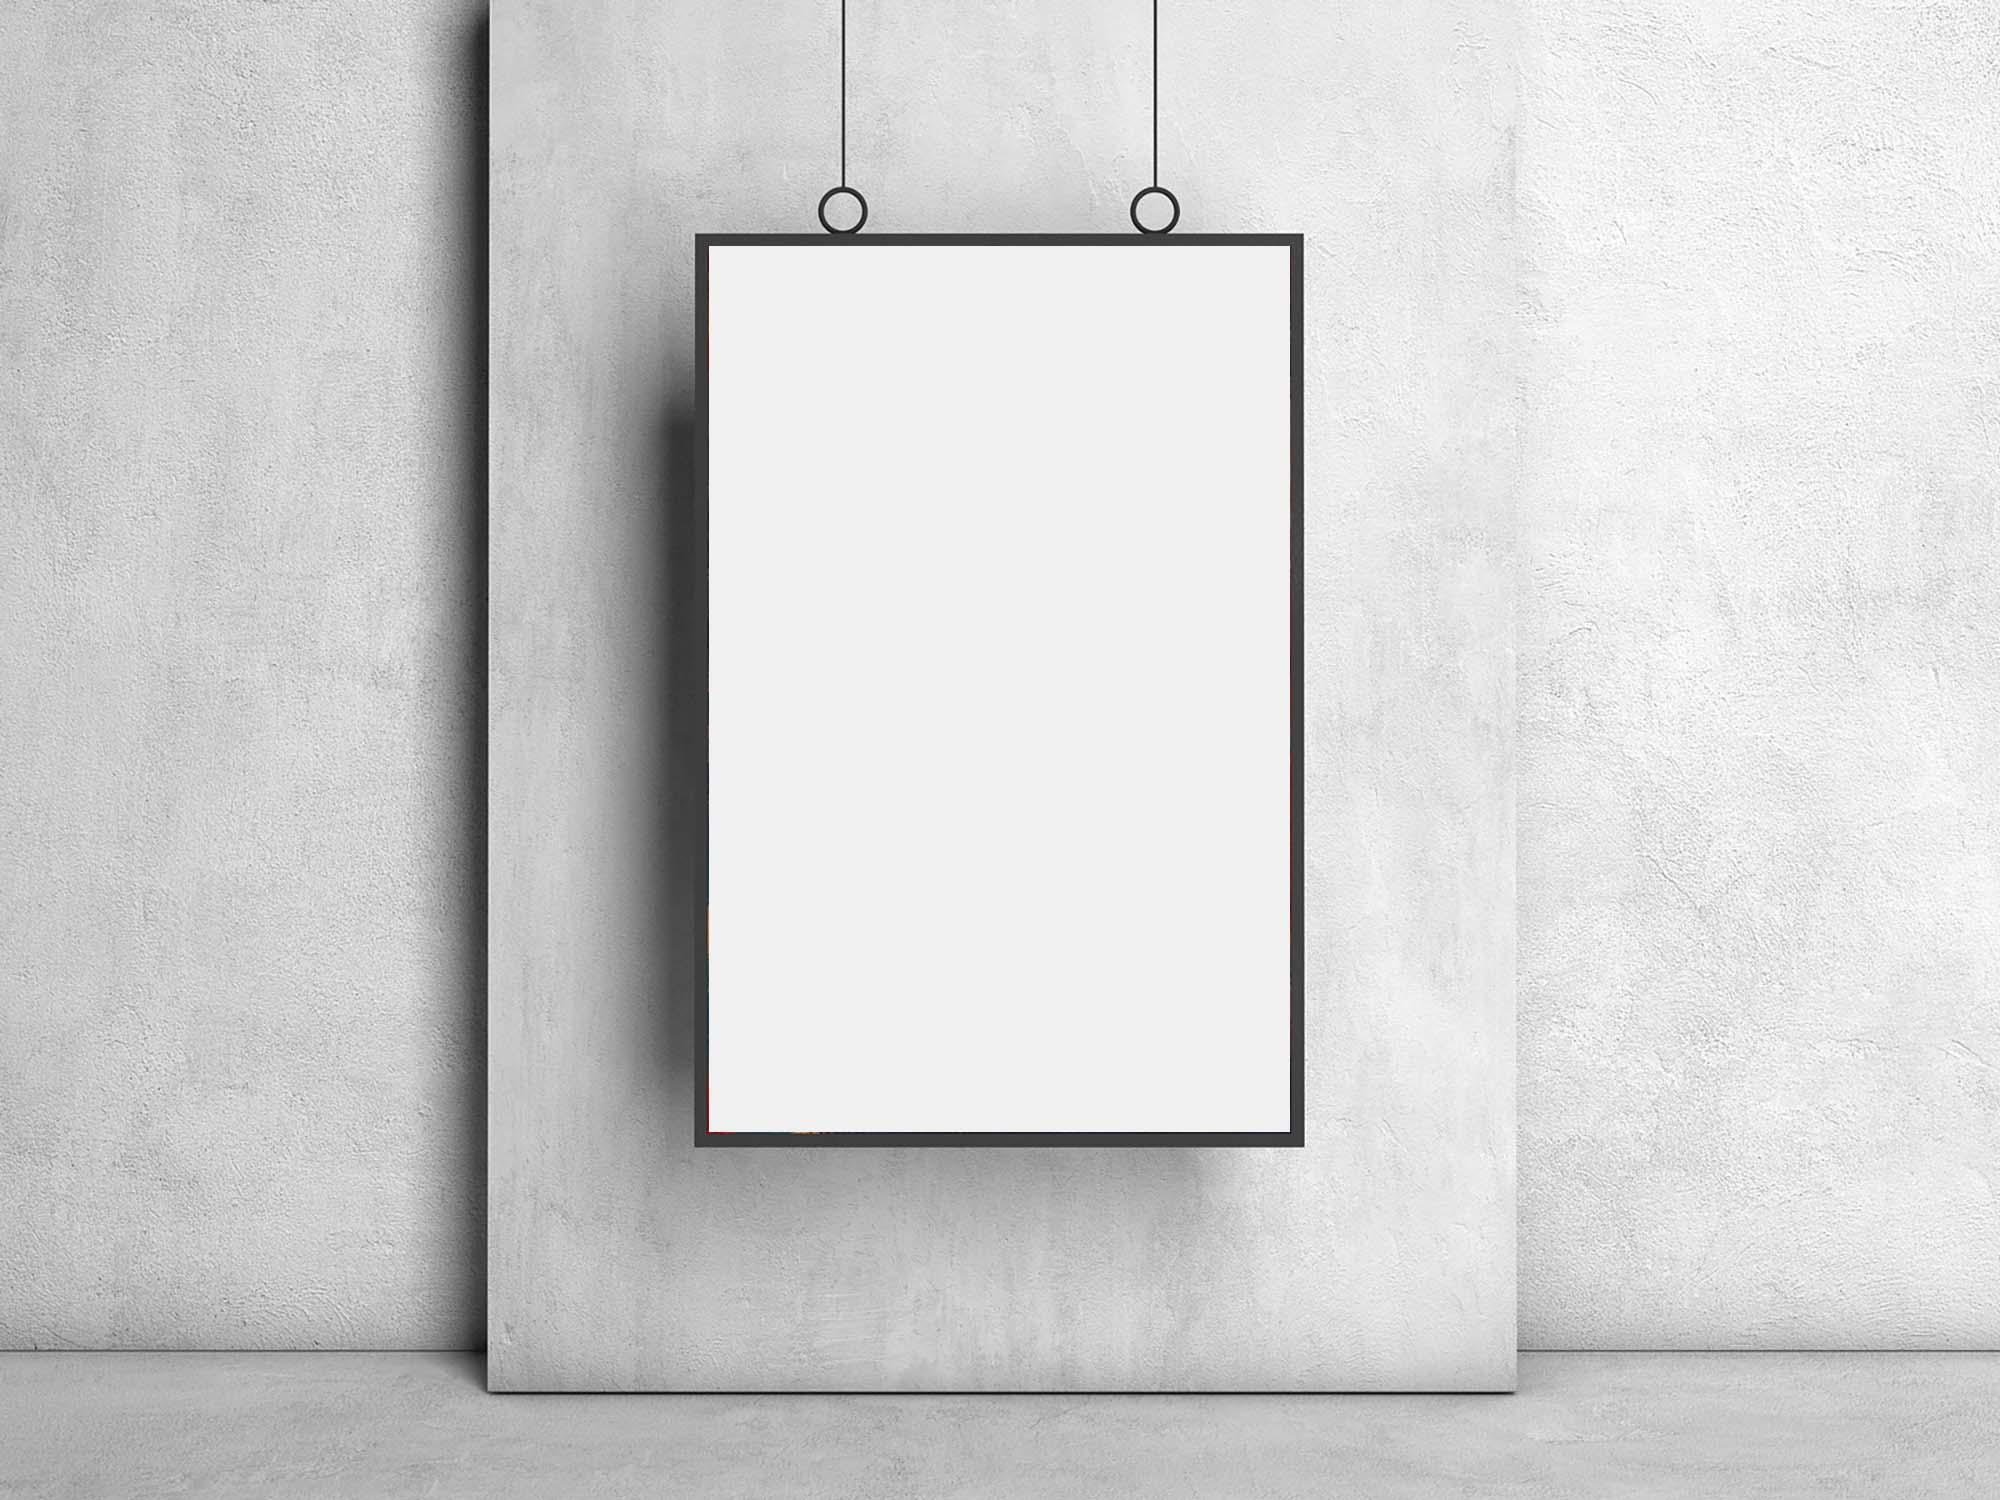 Hanging Frame Poster Mockup 2